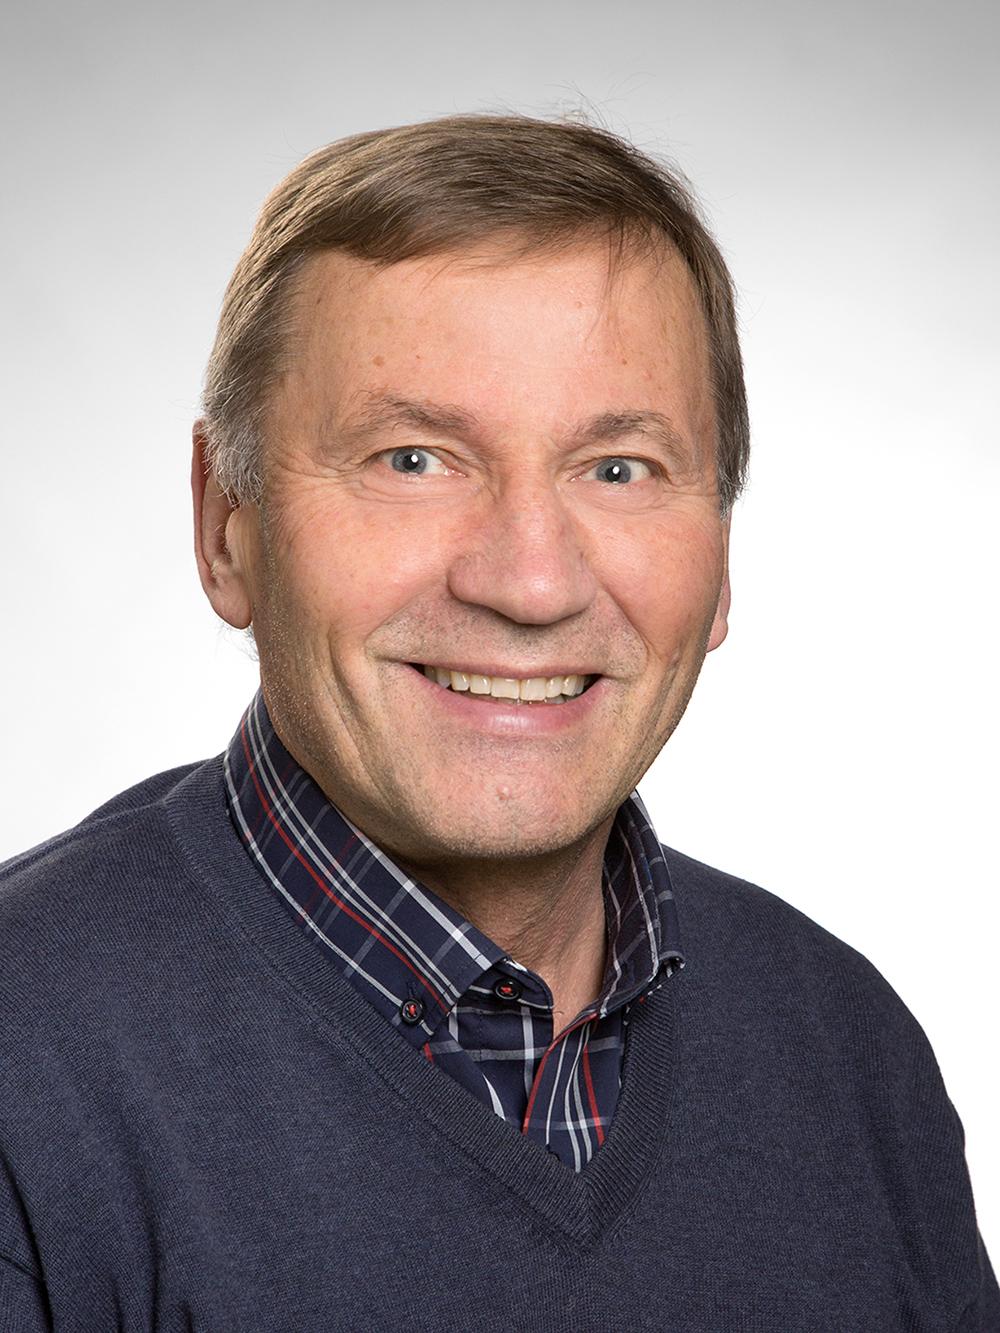 Juha-Pekka Komulainen